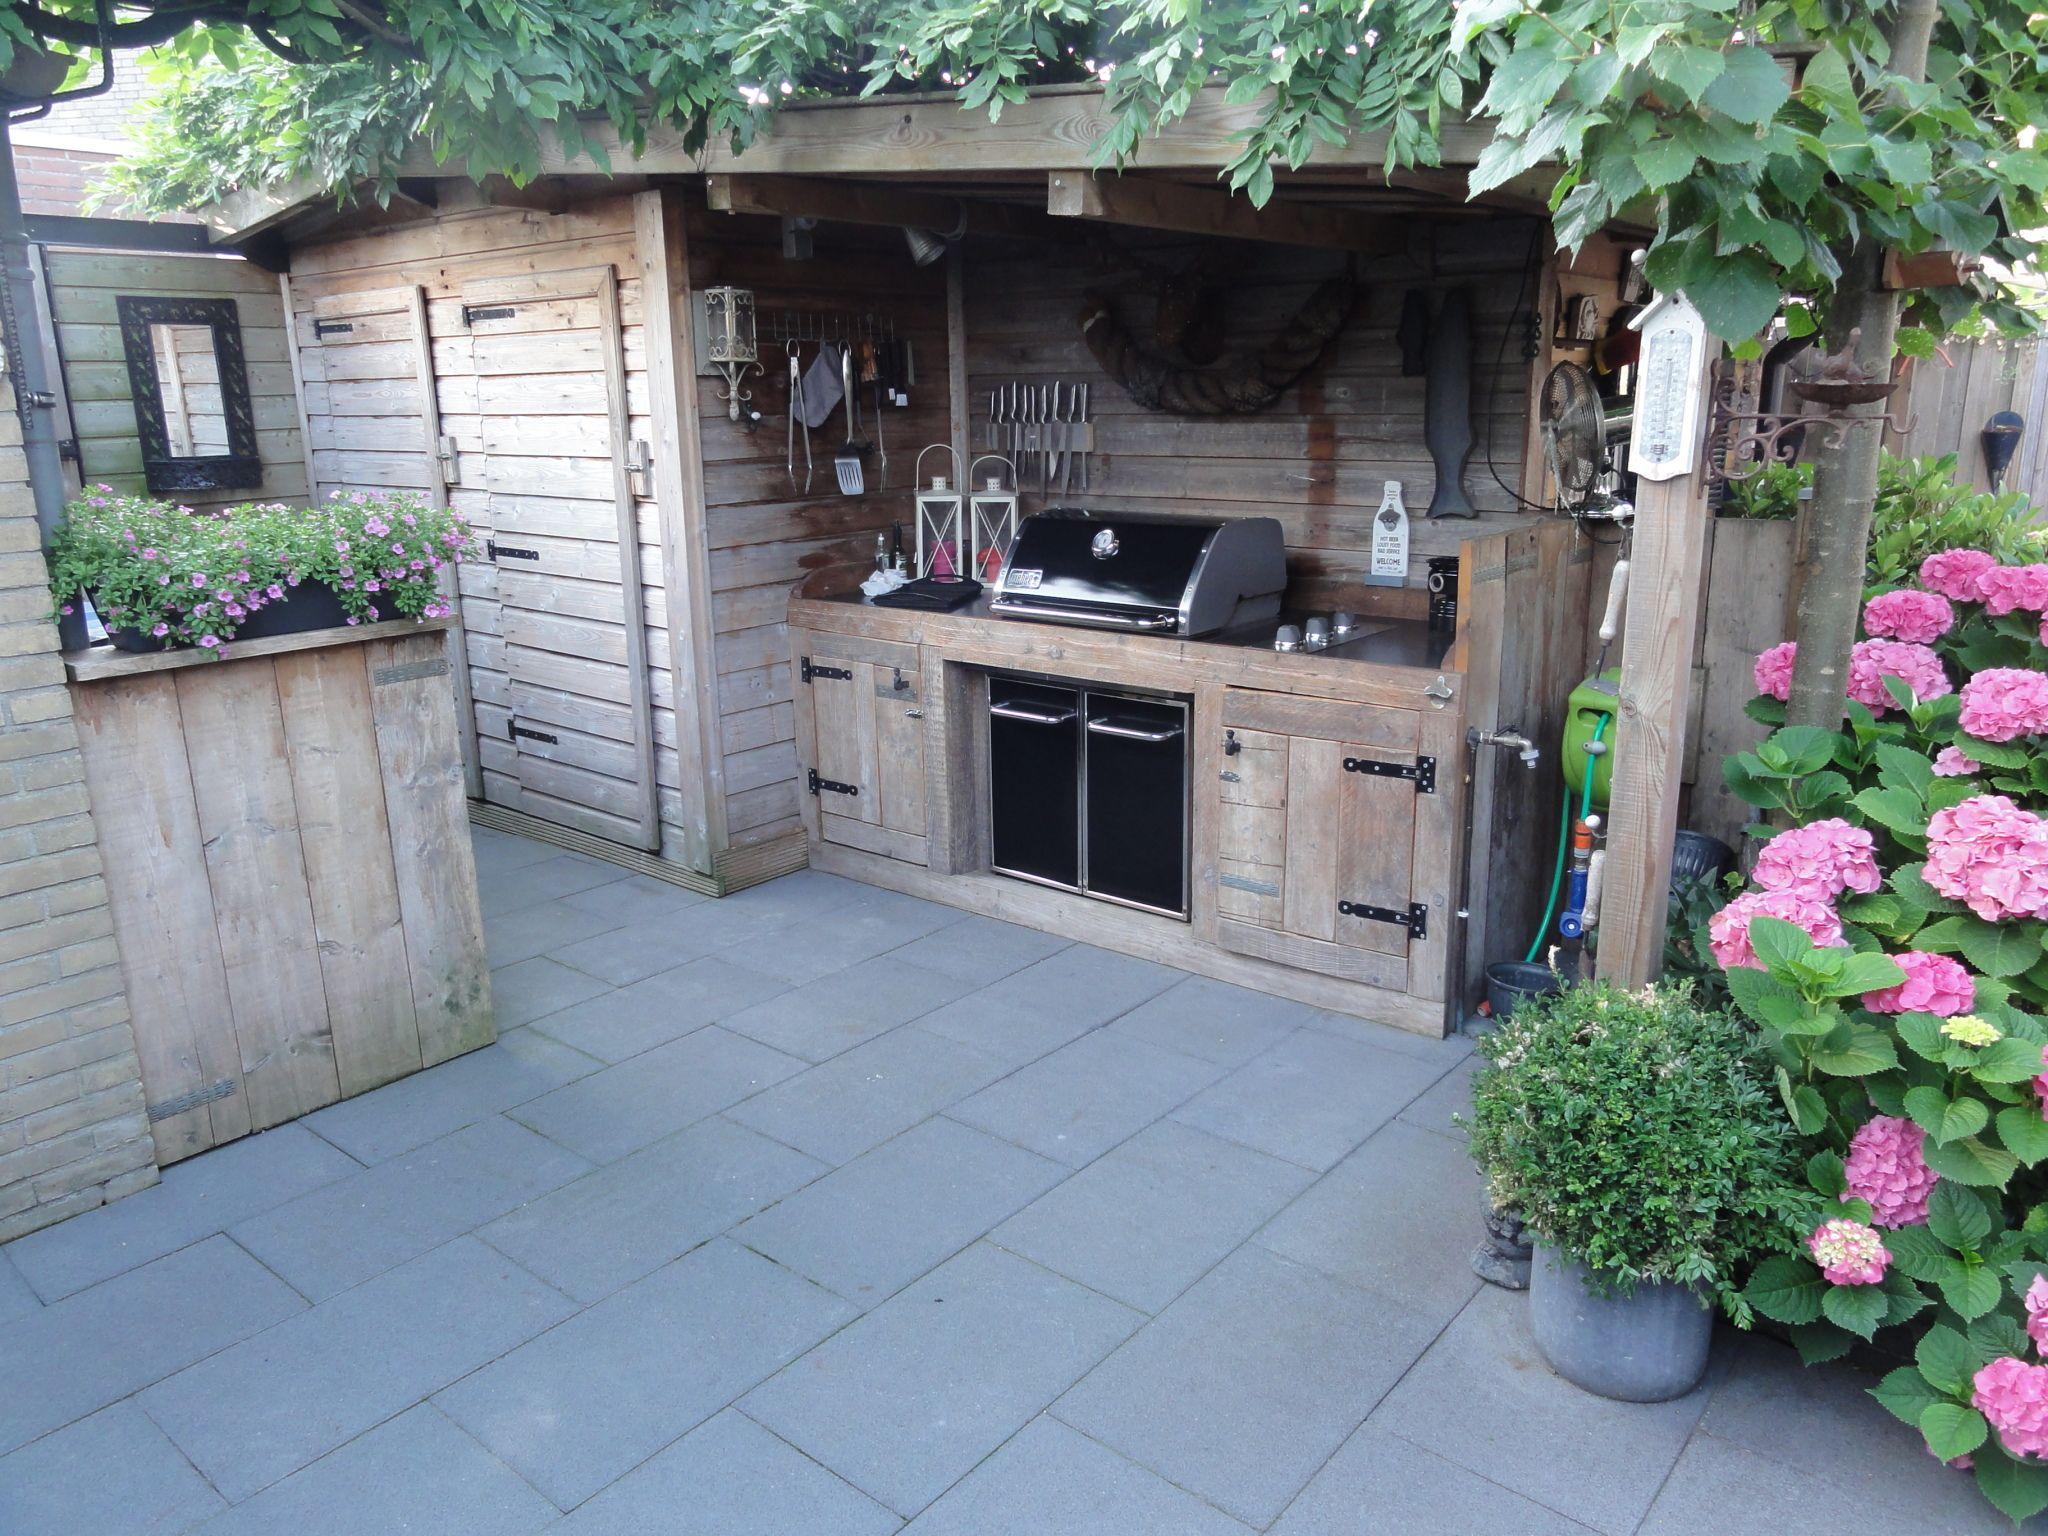 Outdoorküche Gasgrill Xxl : Xxl outdoor küche outdoor küche mit weber grill smoker holz